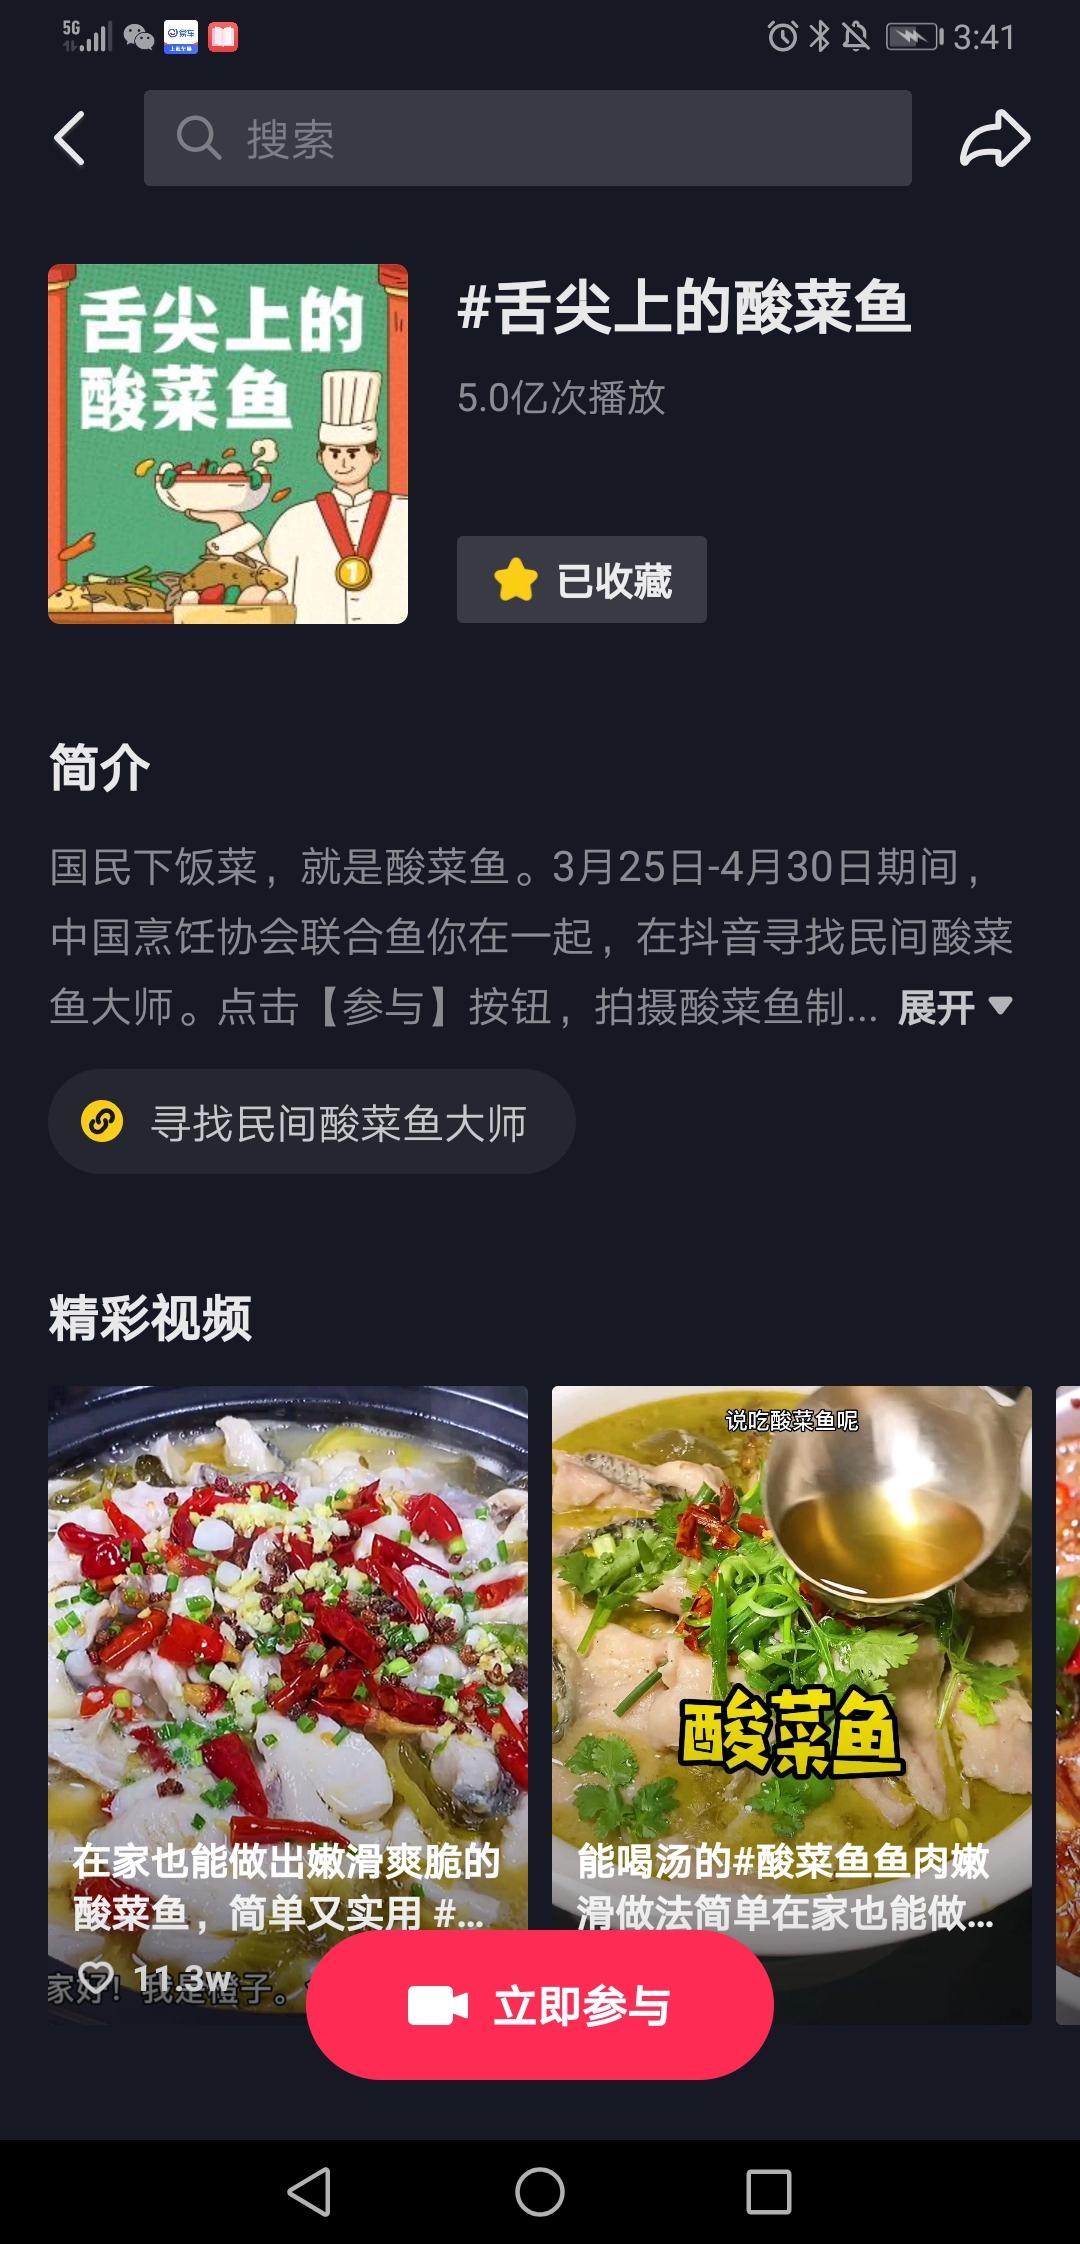 鱼你在一起2021第二届中国酸菜鱼出品大赛报名进入倒计时